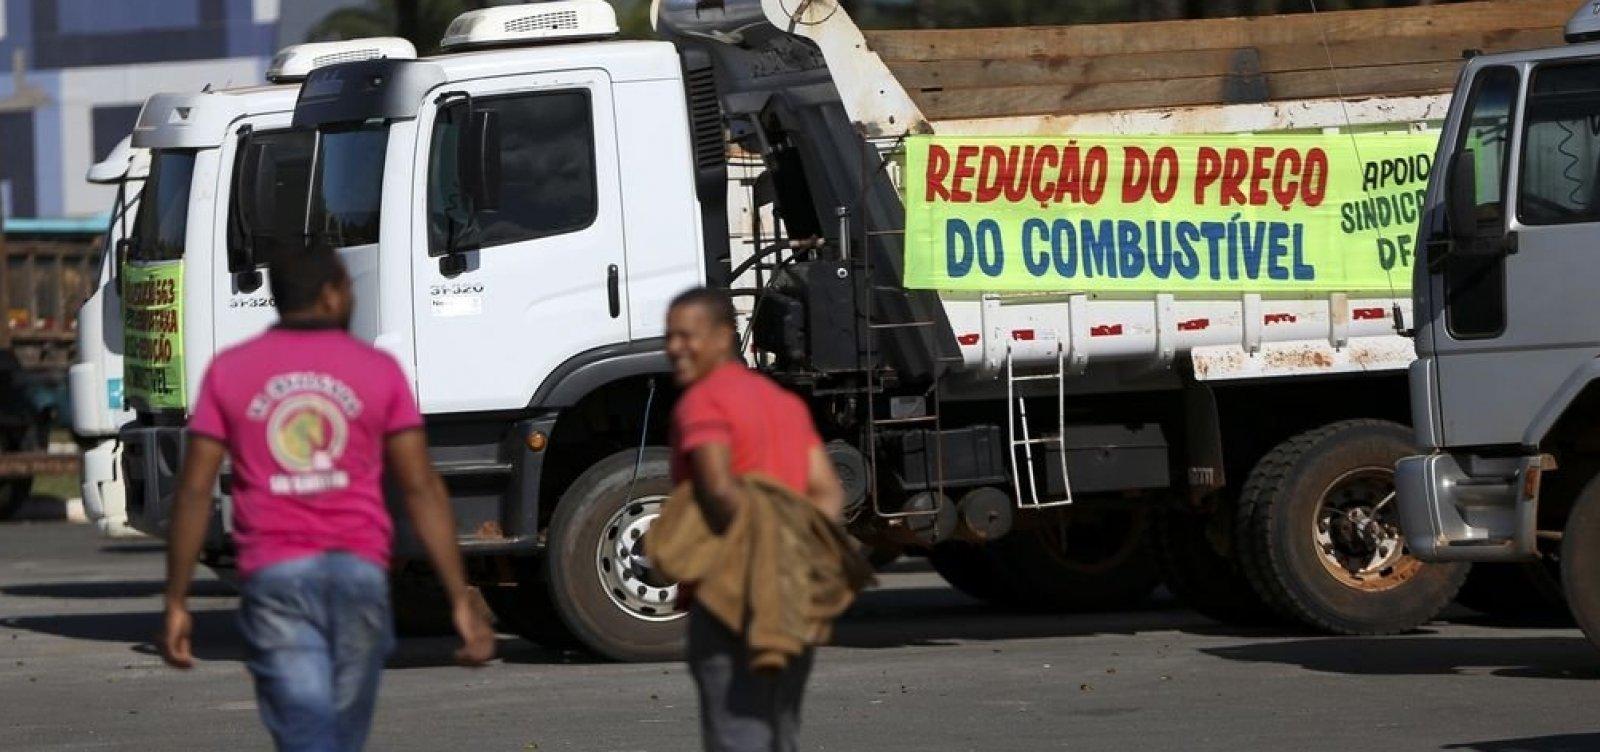 [Governo decide aumentar preço do diesel; caminhoneiros ameaçam greve]